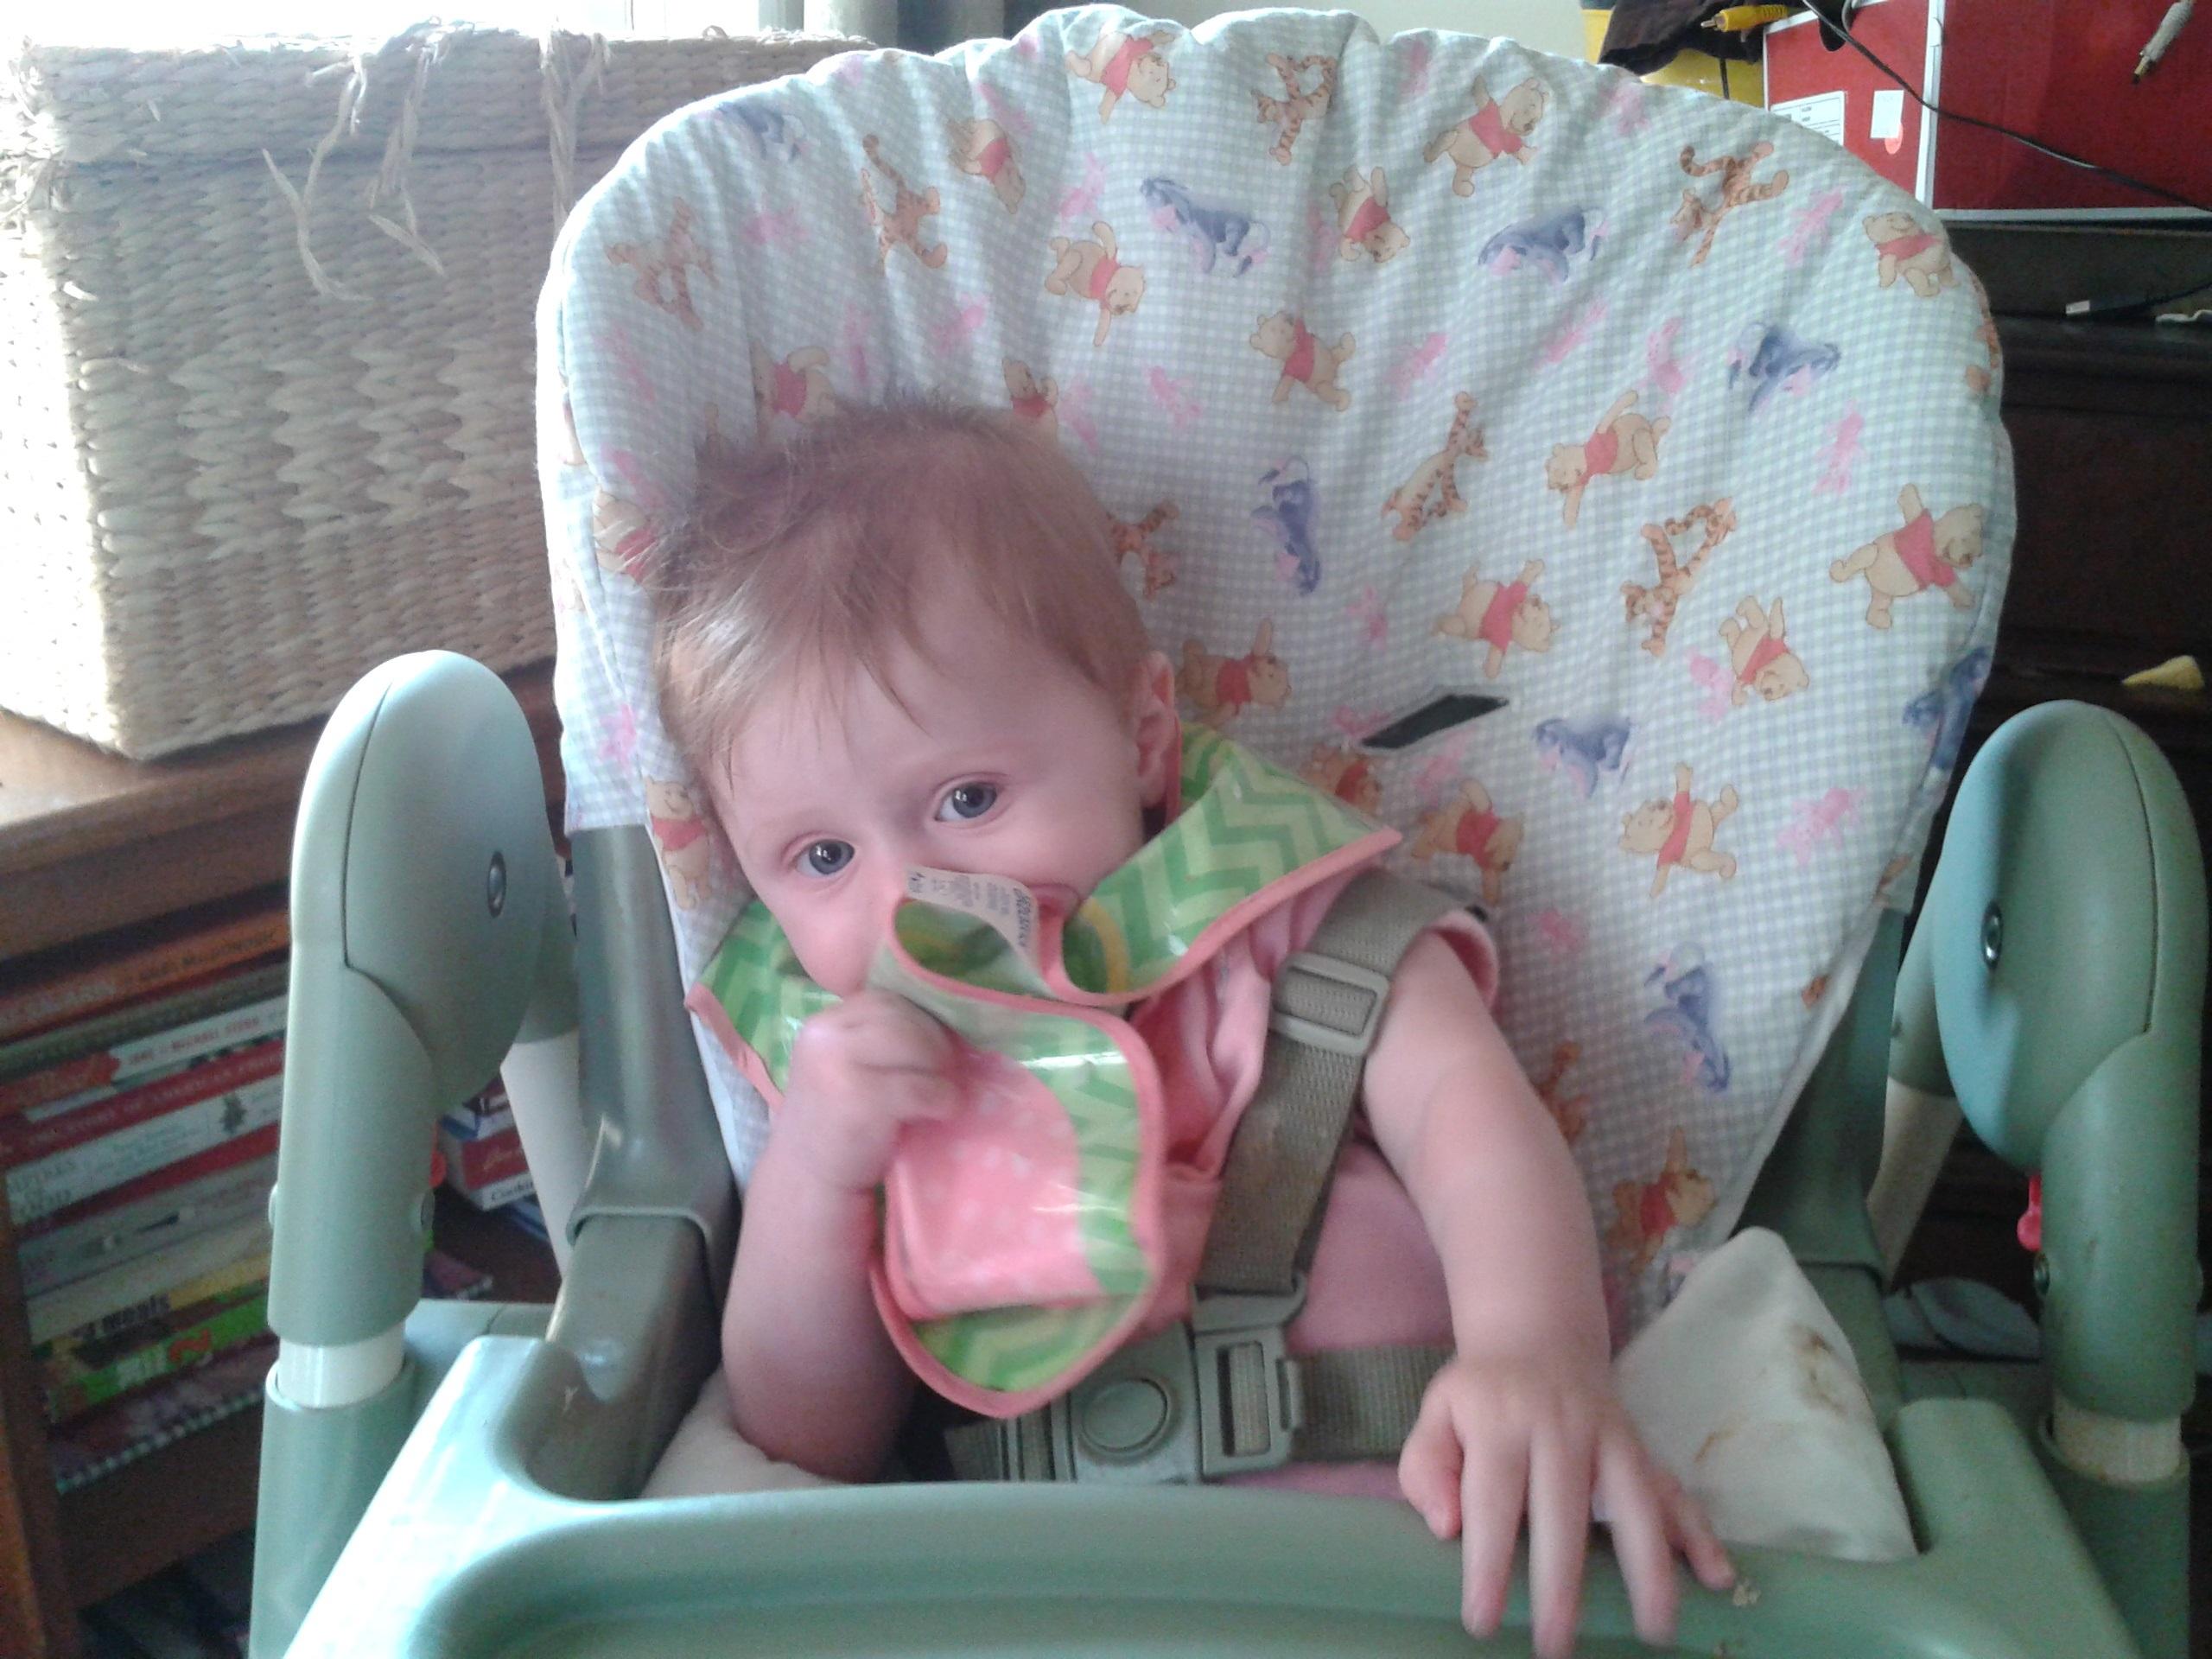 Lilli eating peaches